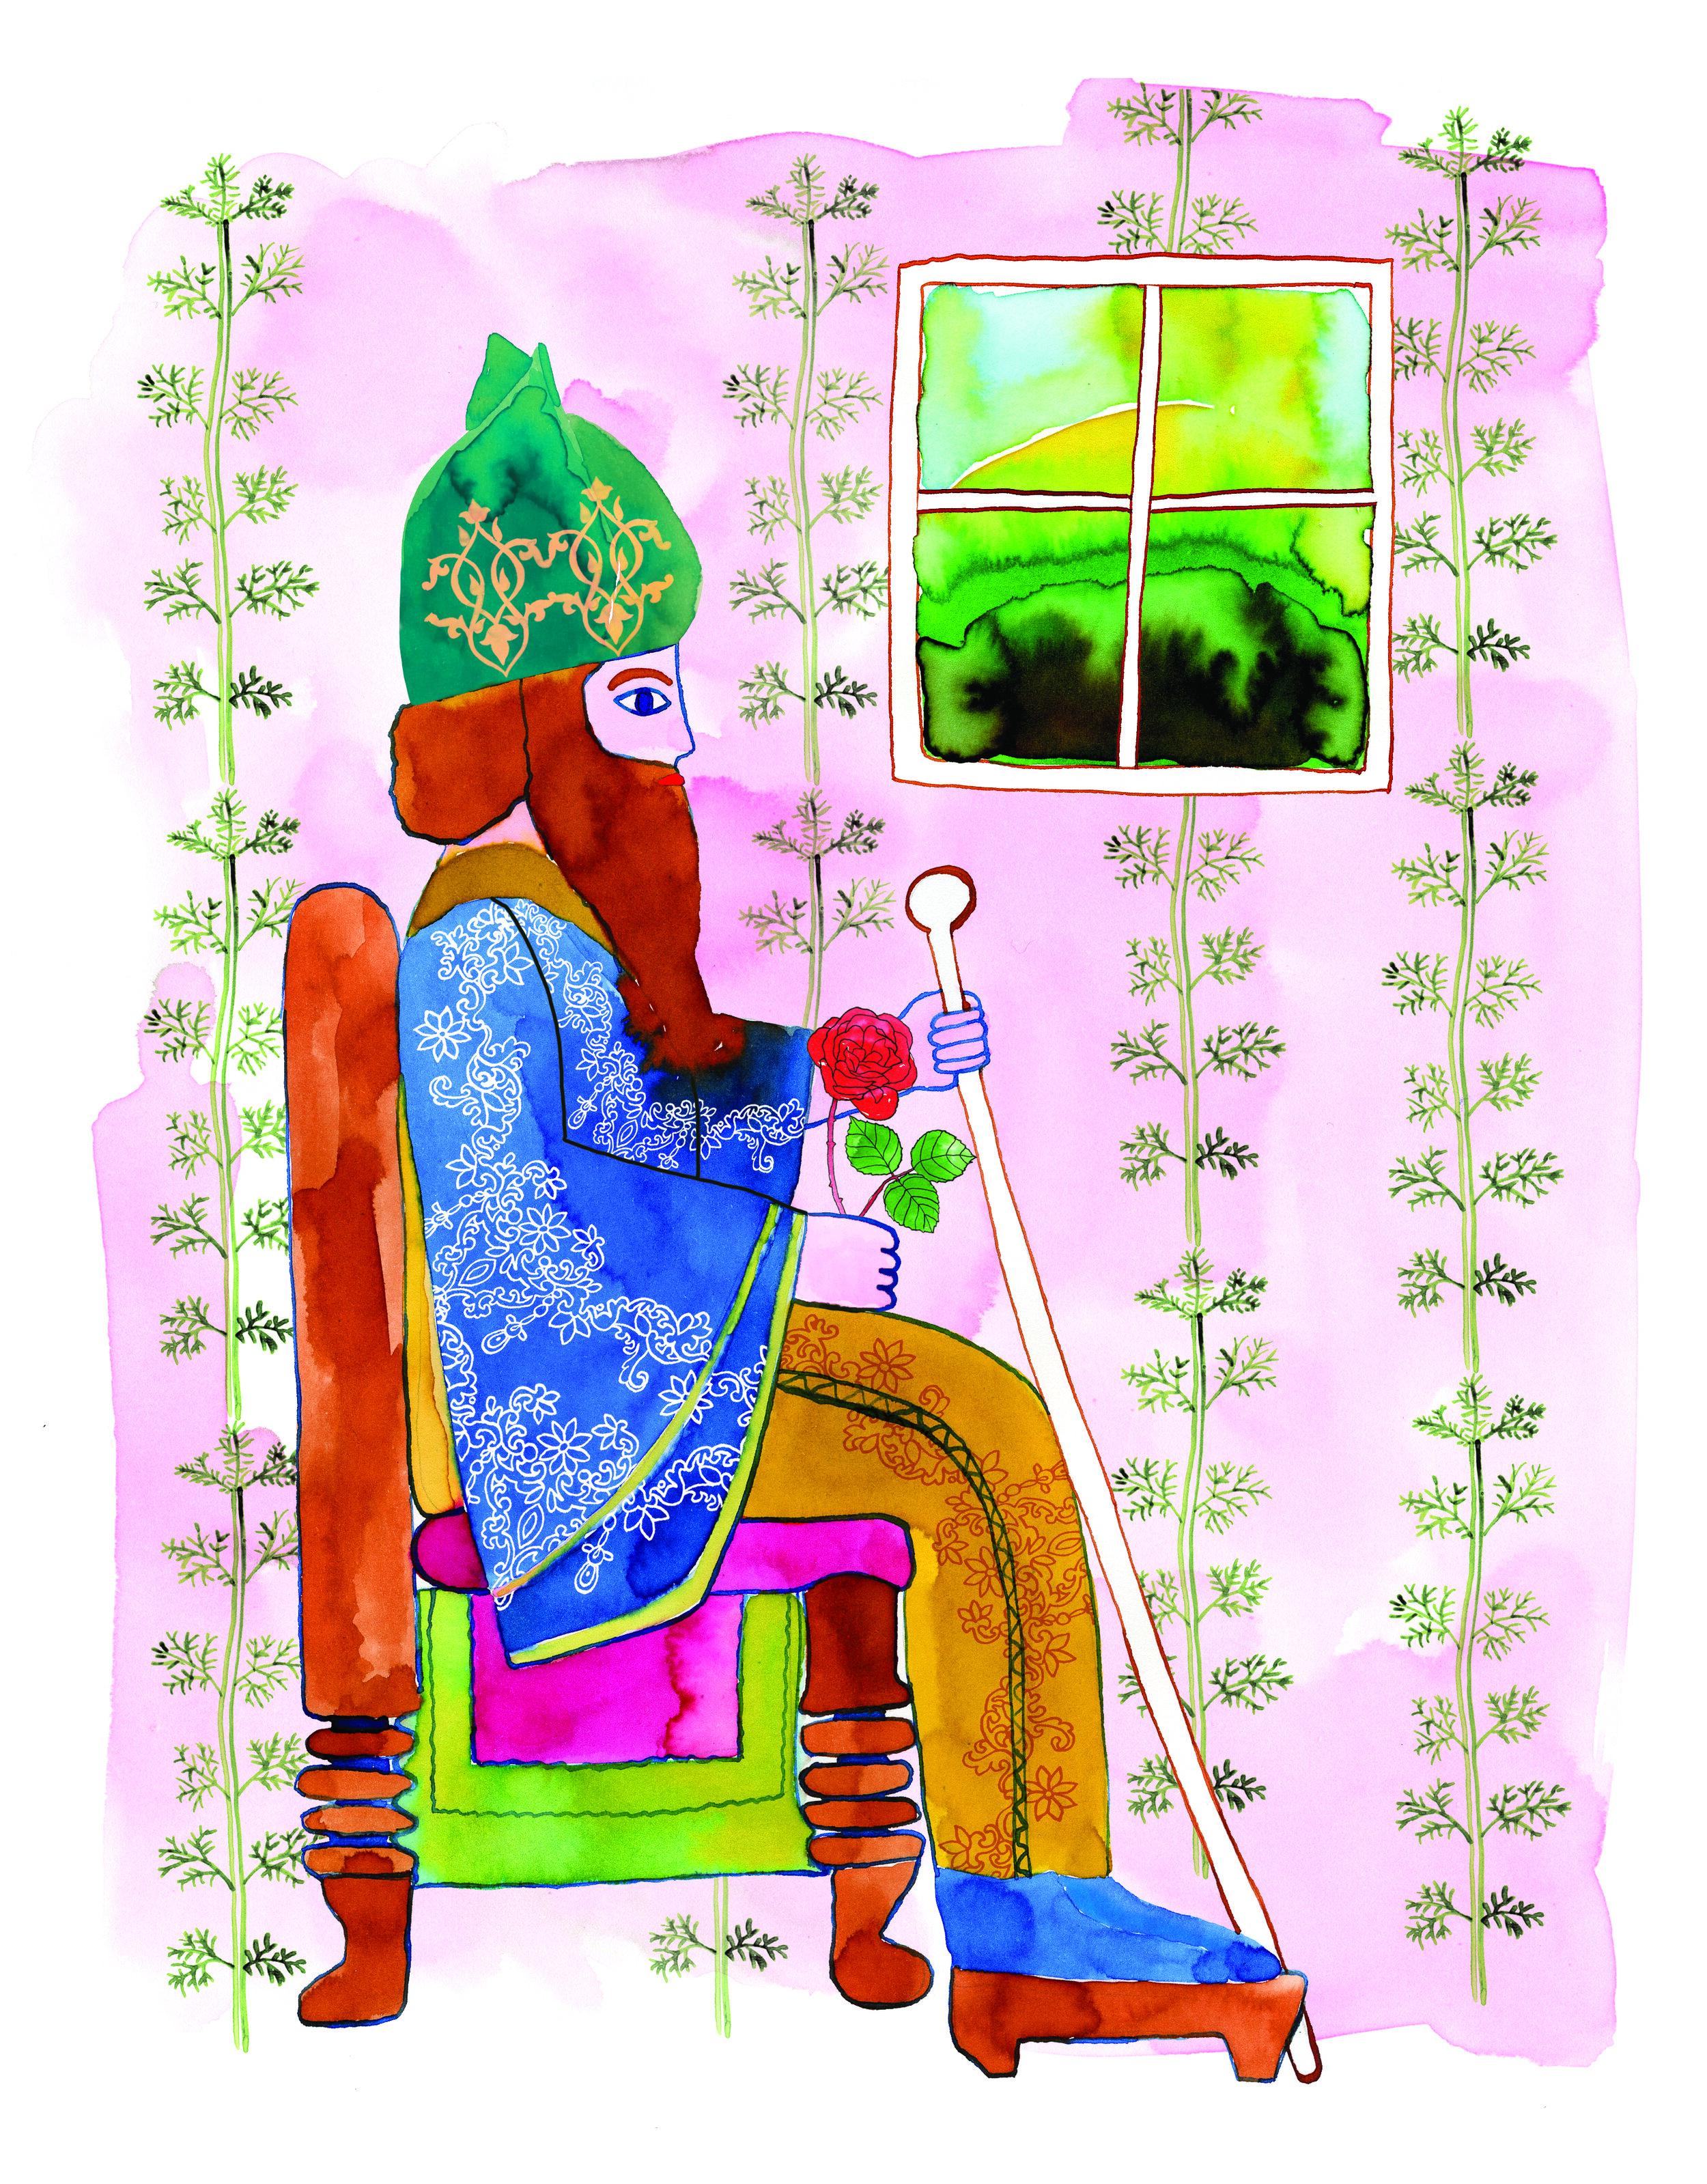 """- 'Er was eens een koning in een land hier ver vandaan. Zijn naam was Cyrus. Als kleine prins zwierf Cyrus door de natuur en toen hij koning werd, bouwde hij een tuin: een Paradijstuin. Midden in deze tuin zette de koning zijn troon neer. Tussen de bloemen en de fruitbomen.""""De mooiste plek op aarde"""", zo sprak hij. De koning vond tuinieren het fijnste wat er is. Hij leerde alle kinderen in het land hoe je met planten je eigen paradijs kan maken.'Het woord 'paradijs' komt van het oud-Perzische woord, 'pairidaeze'. Het betekent: 'een ommuurde boomgaard, tuin of park'. De oude Perzen waren de eersten die het paradijs nabootsten in hun achtertuin. In de 6e eeuw voor Christus legde de koning Cyrus II de eerste paradijstuin aan. Ook kennen we allemaal de tuin van Eden – uit Bijbel en Koran – en de hangende tuinen van Babylon. Later werden de Islamitische of Moorse tuinen aangelegd, als bijvoorbeeld het Alhambra in Granada en de Taj Mahal in India. Weer later in Parijs, de tuinen van Versailles. Kortom, paradijstuinen zijn zo oud als de mens en bestaan in alle soorten en maten."""